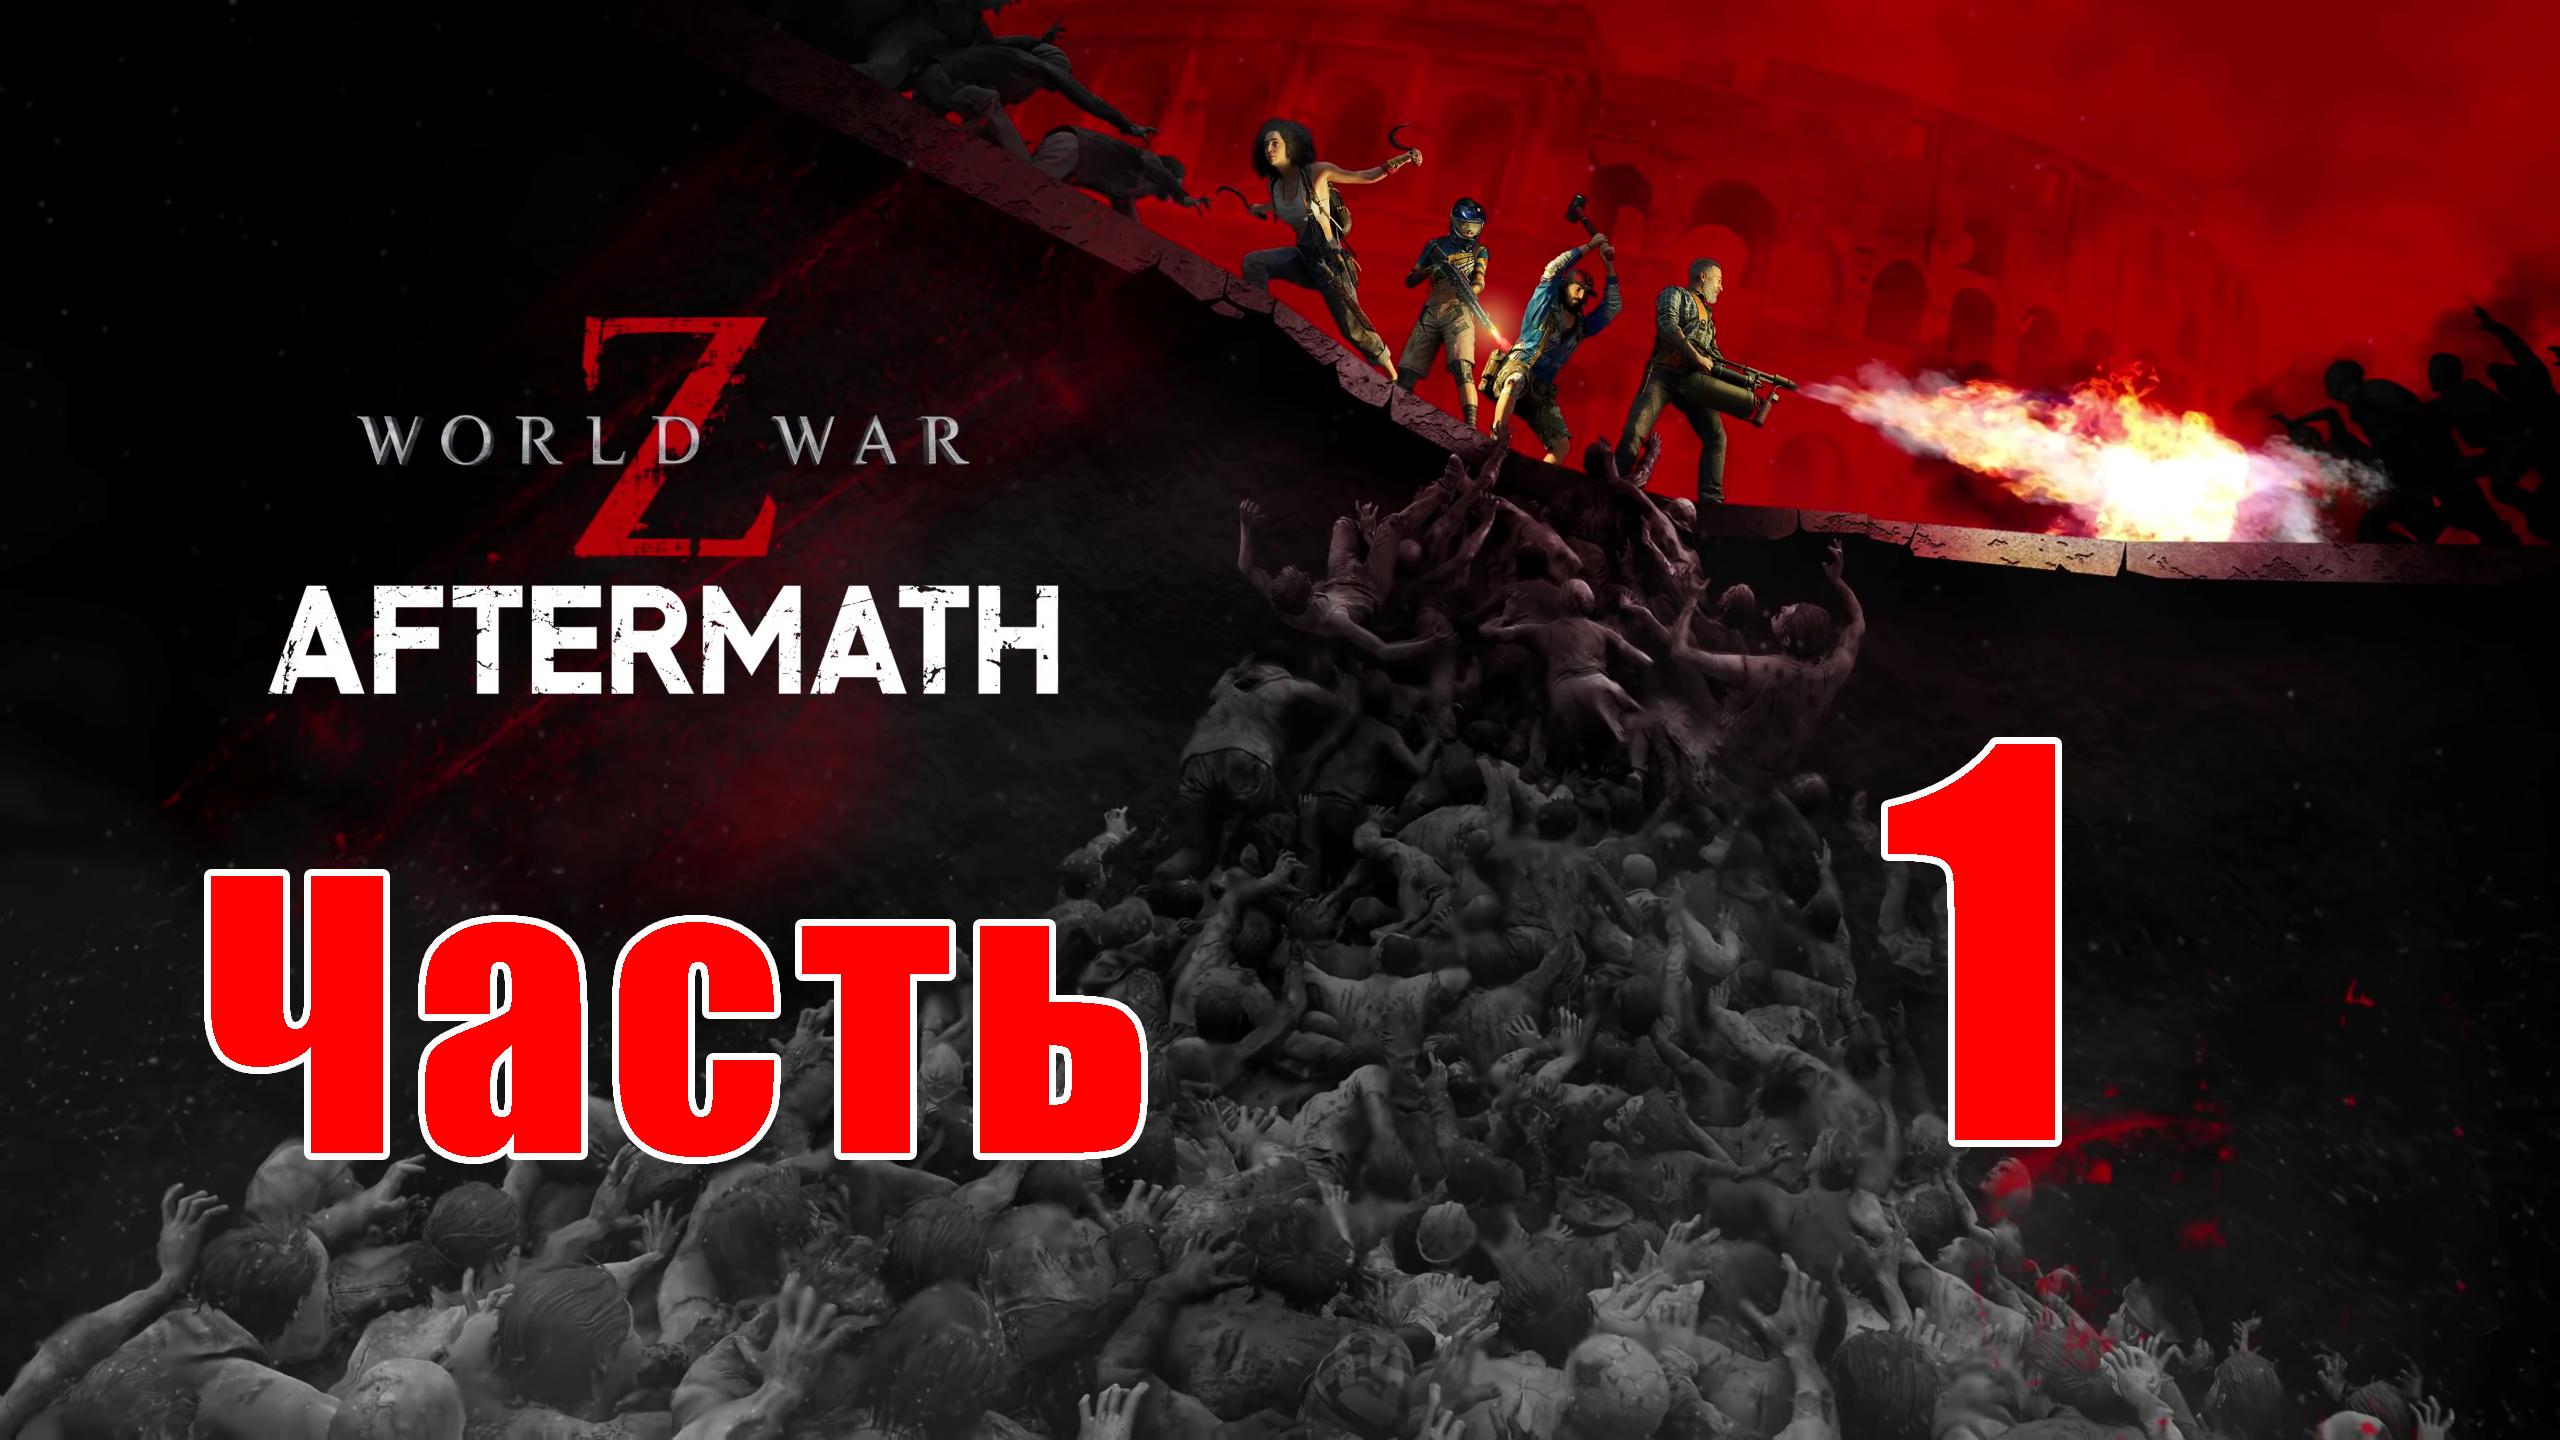 Эпизод 1 Нью-Йорк ➤ Сошествие ➤ World War Z Aftermath - на ПК ➤ Прохождение # 1 ➤